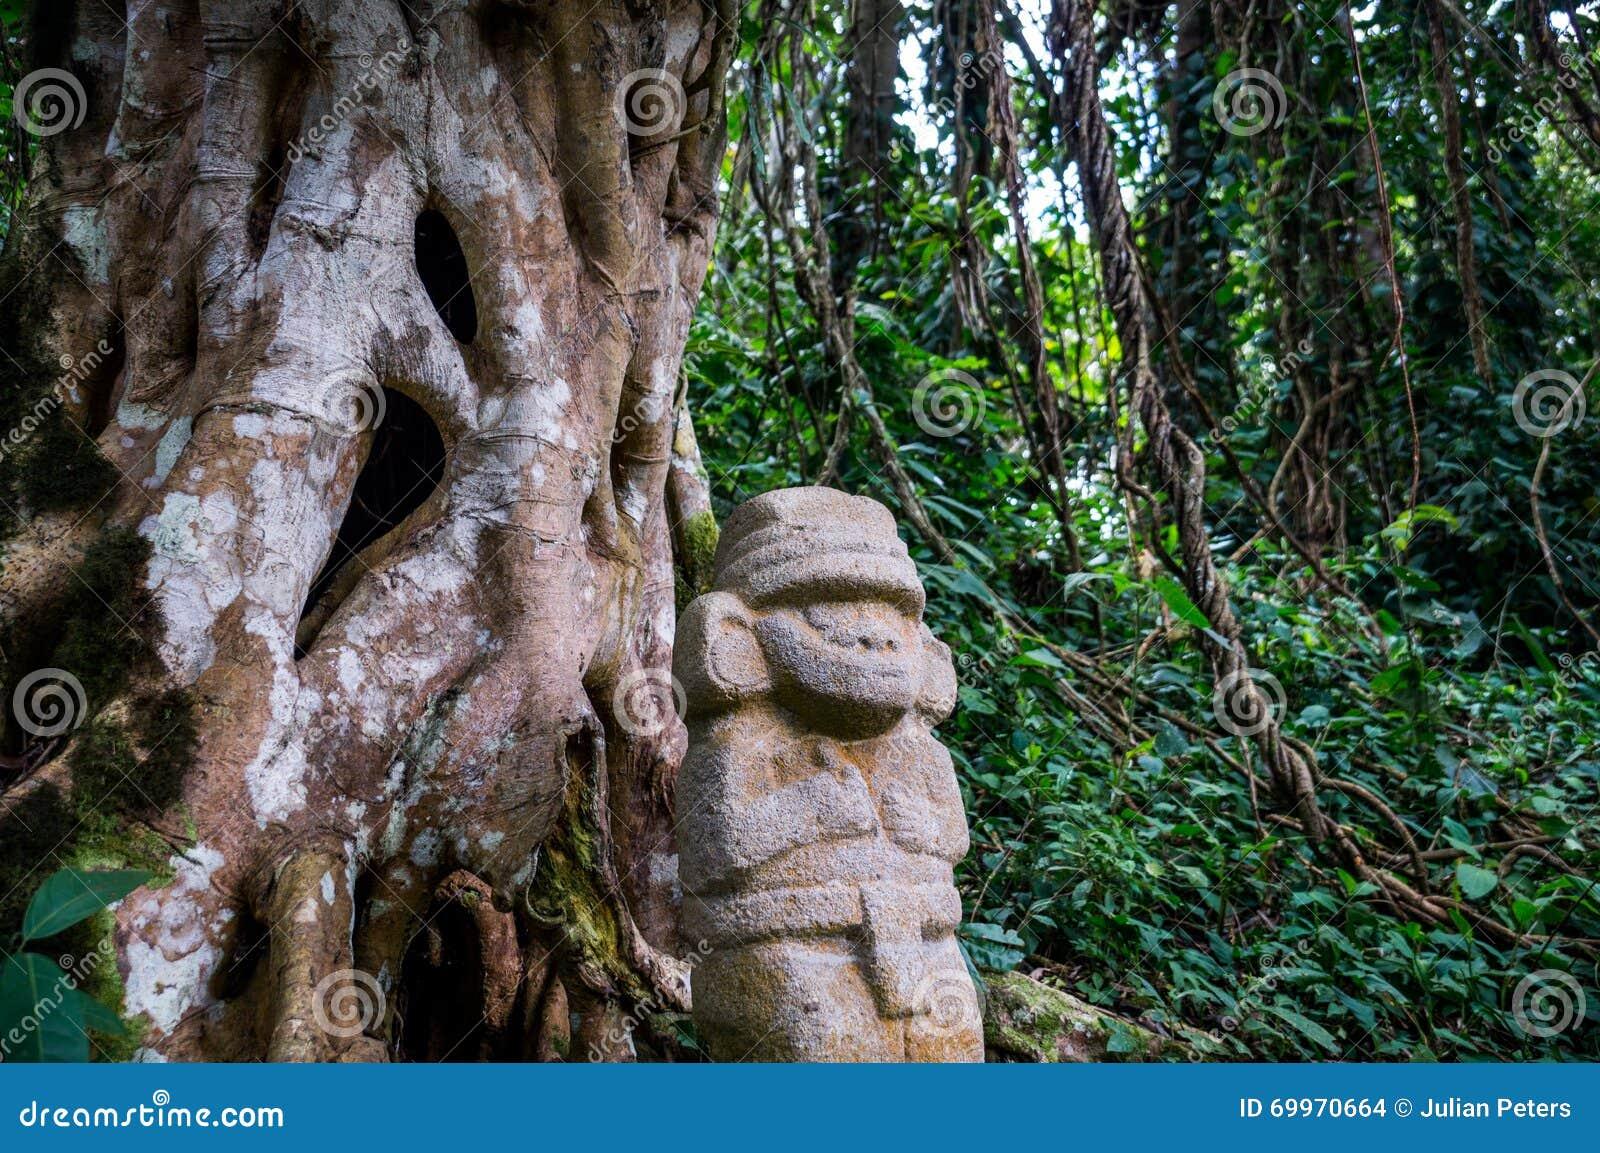 Statua nella foresta pluviale in San Agustin